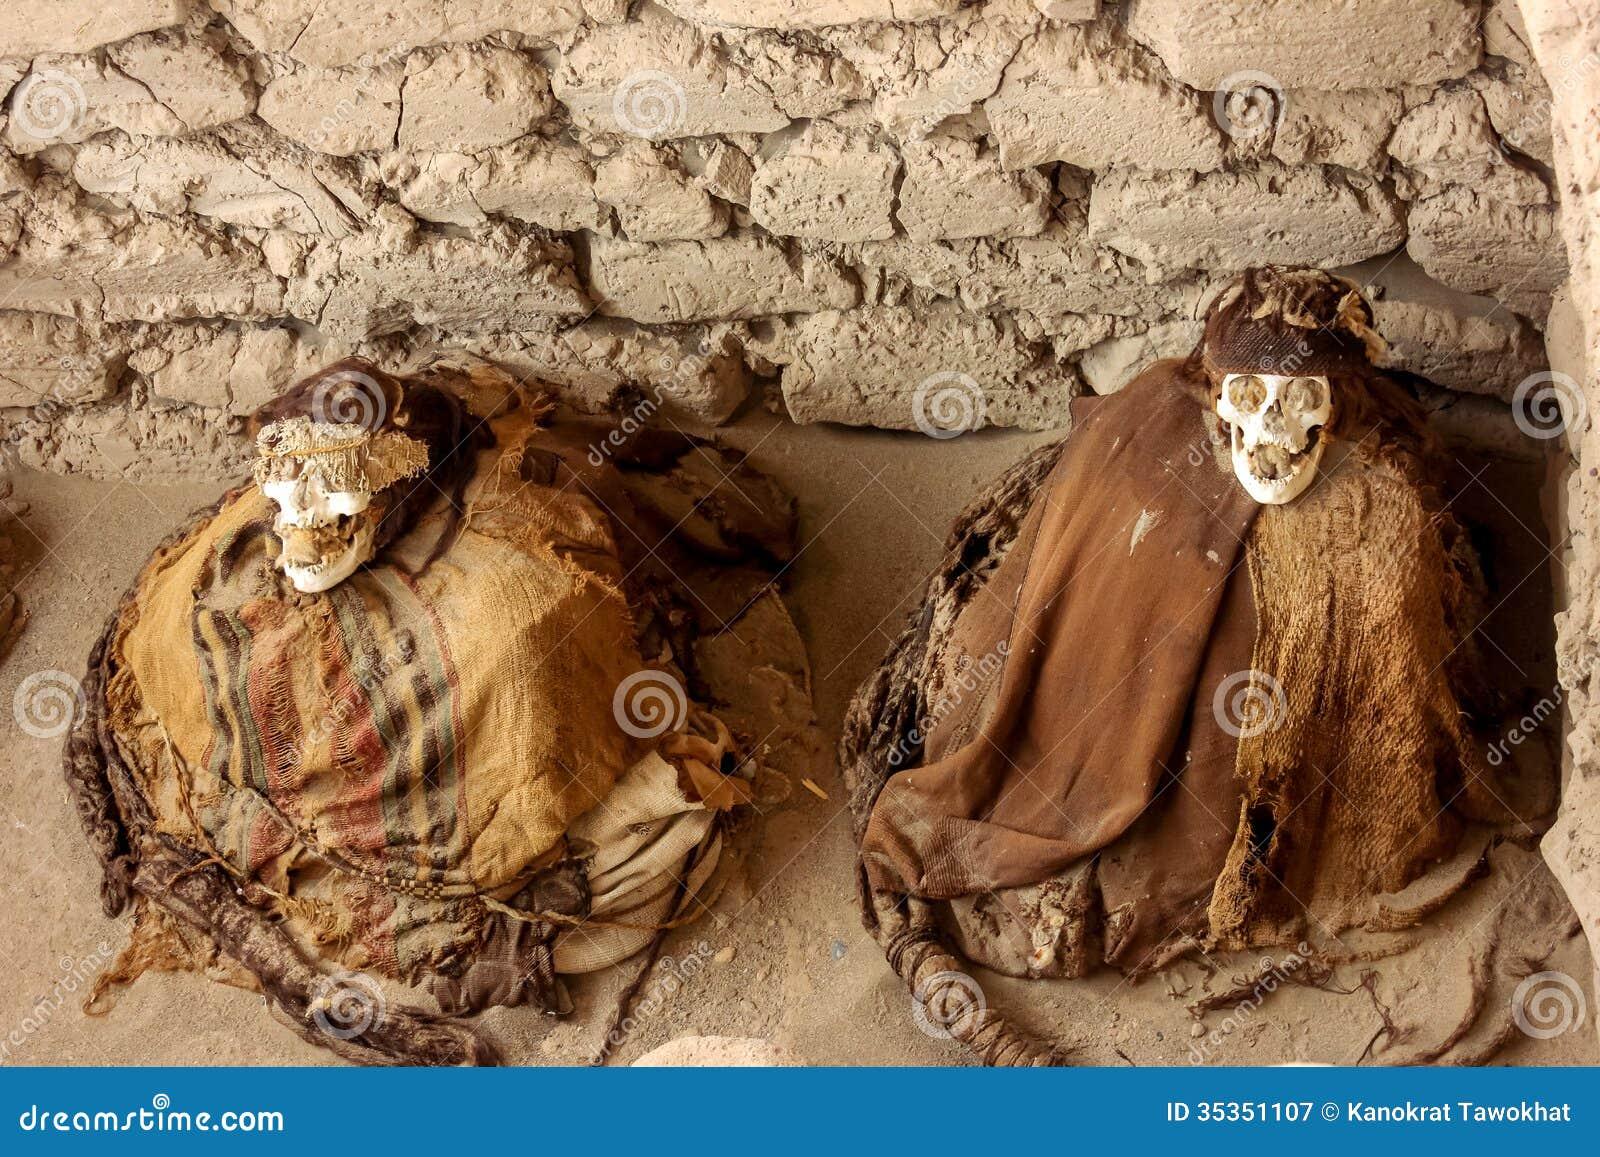 Peruvian Mummy Royalty Free Stock Photography - Image ...